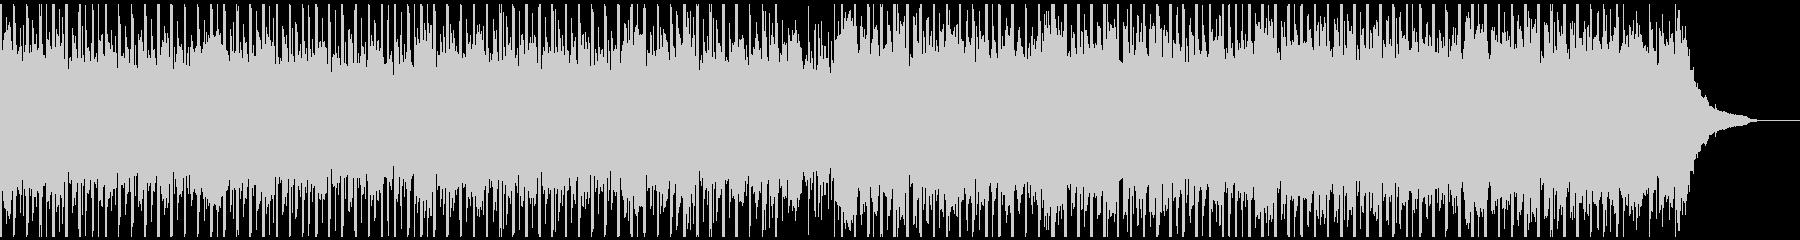 モダンコーポレーション(60秒)の未再生の波形